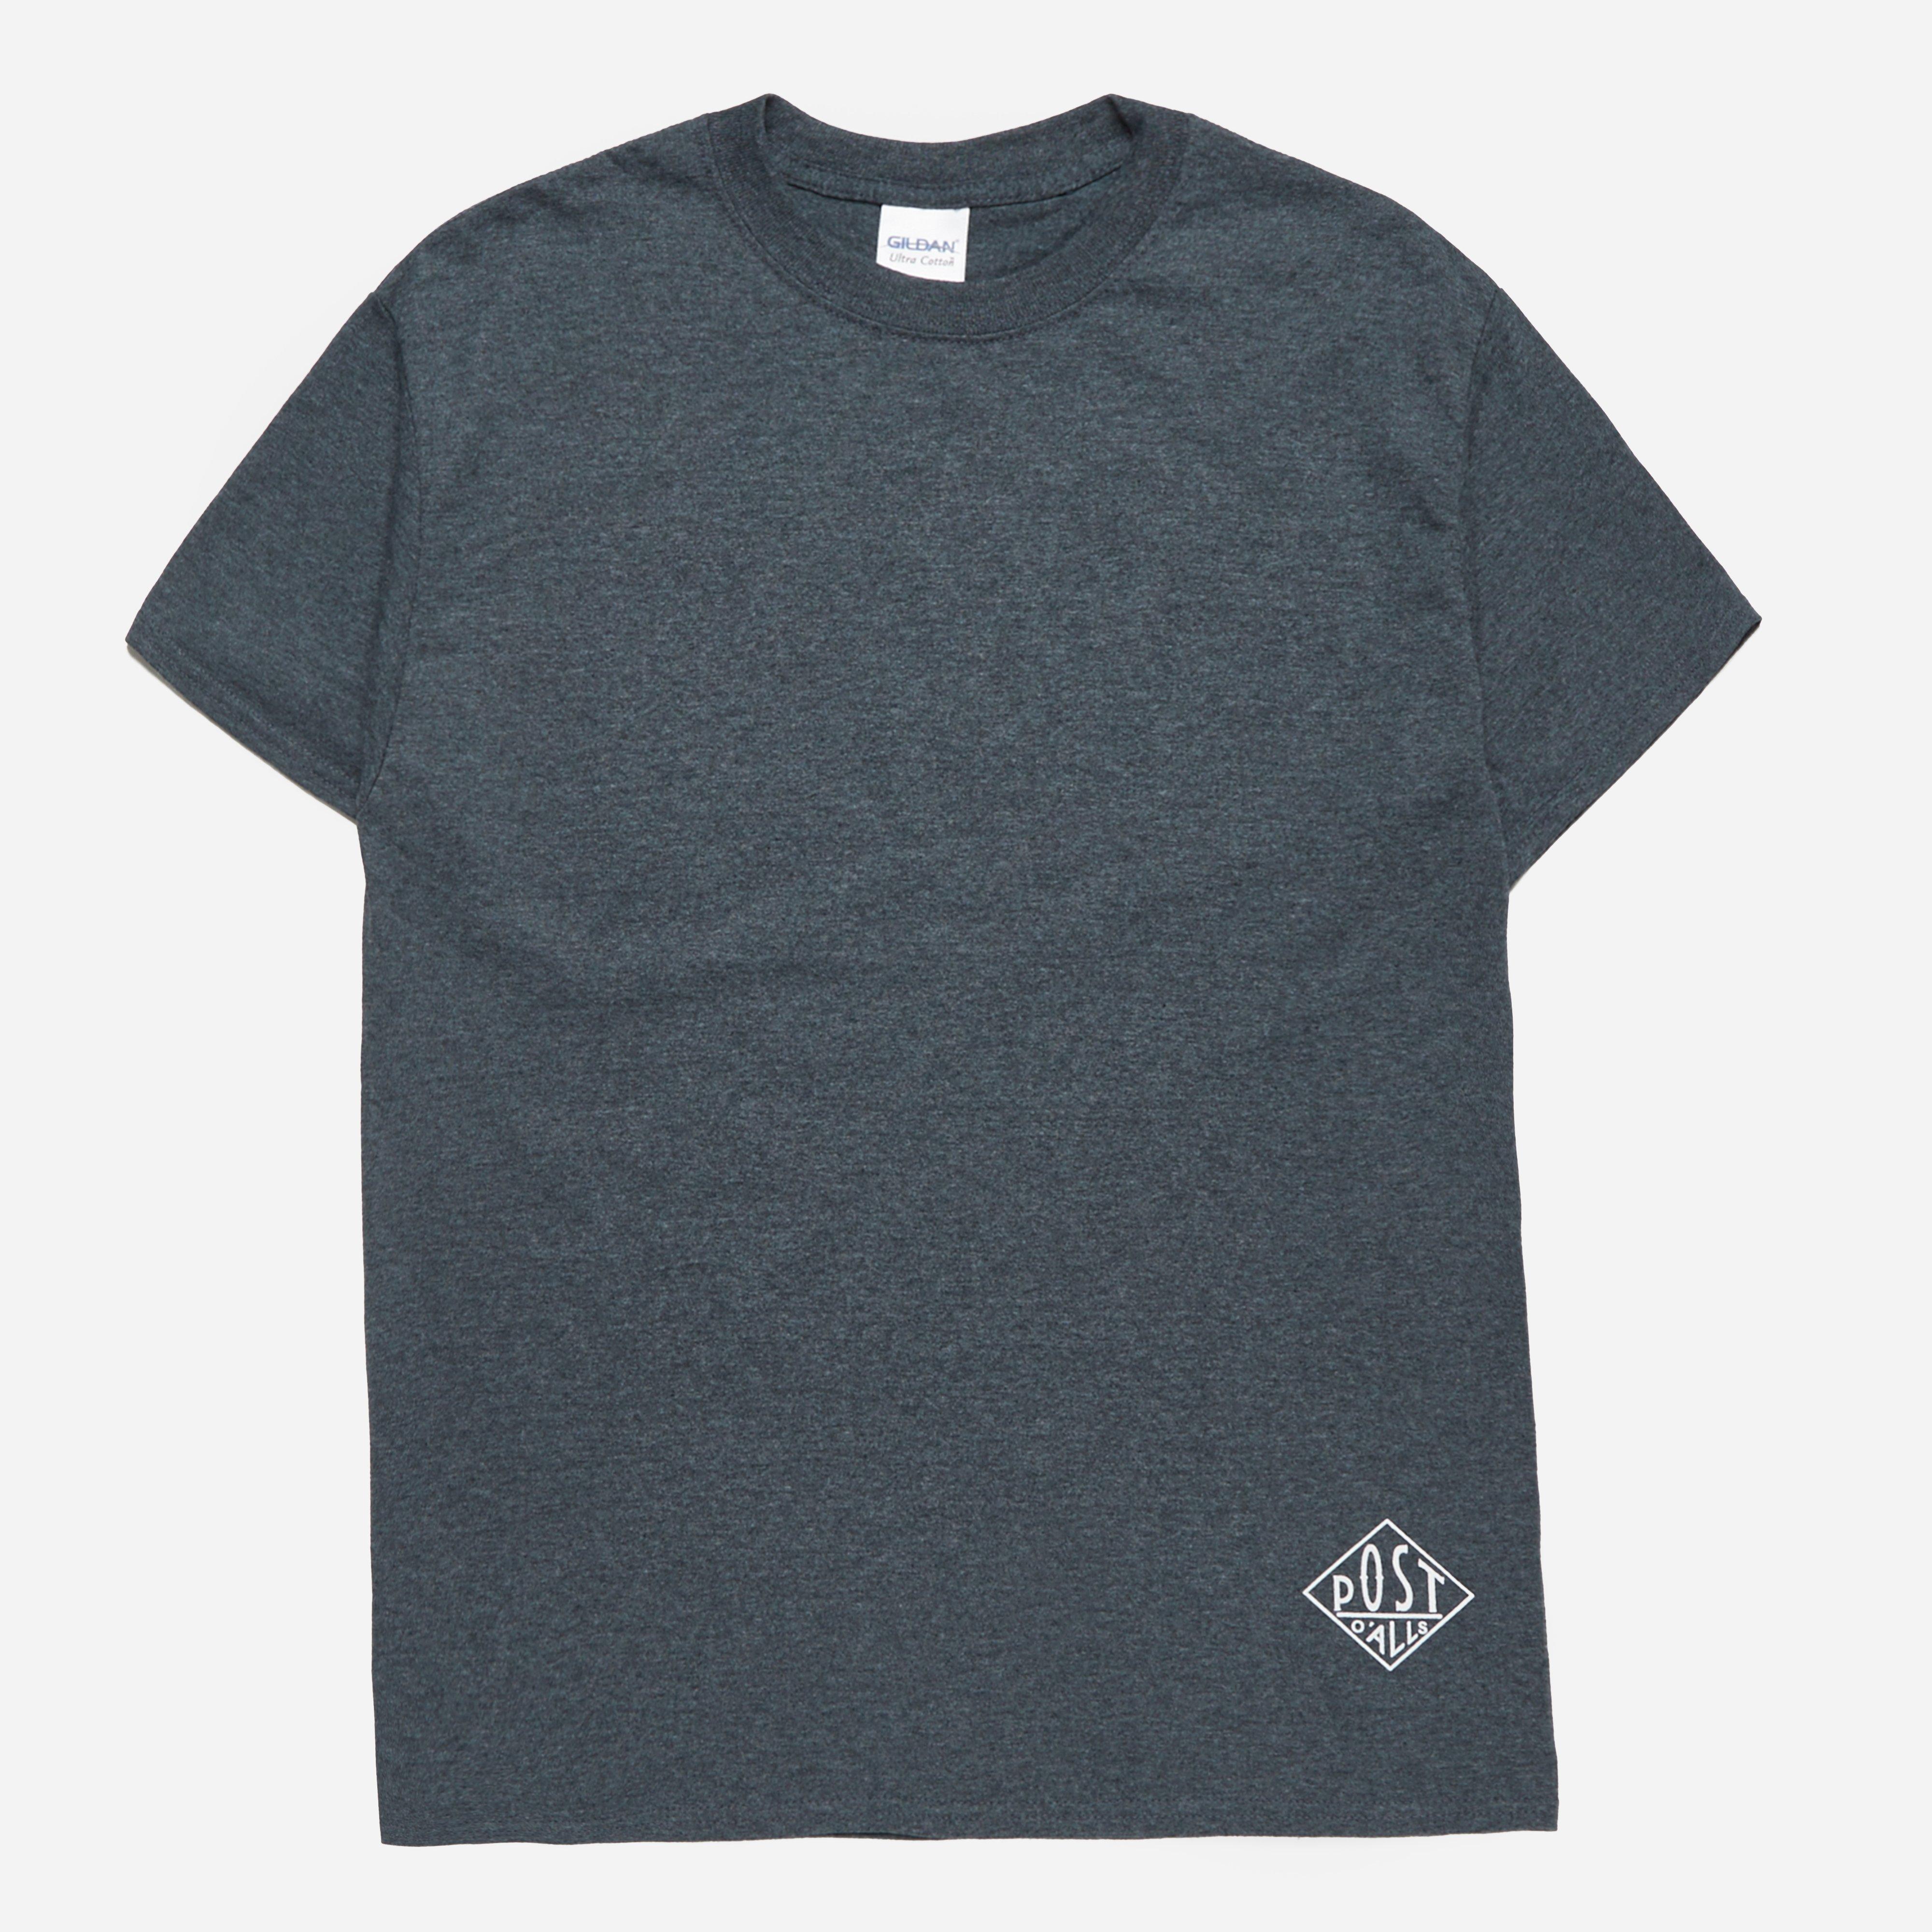 Post Overalls LO-DIA T-shirt